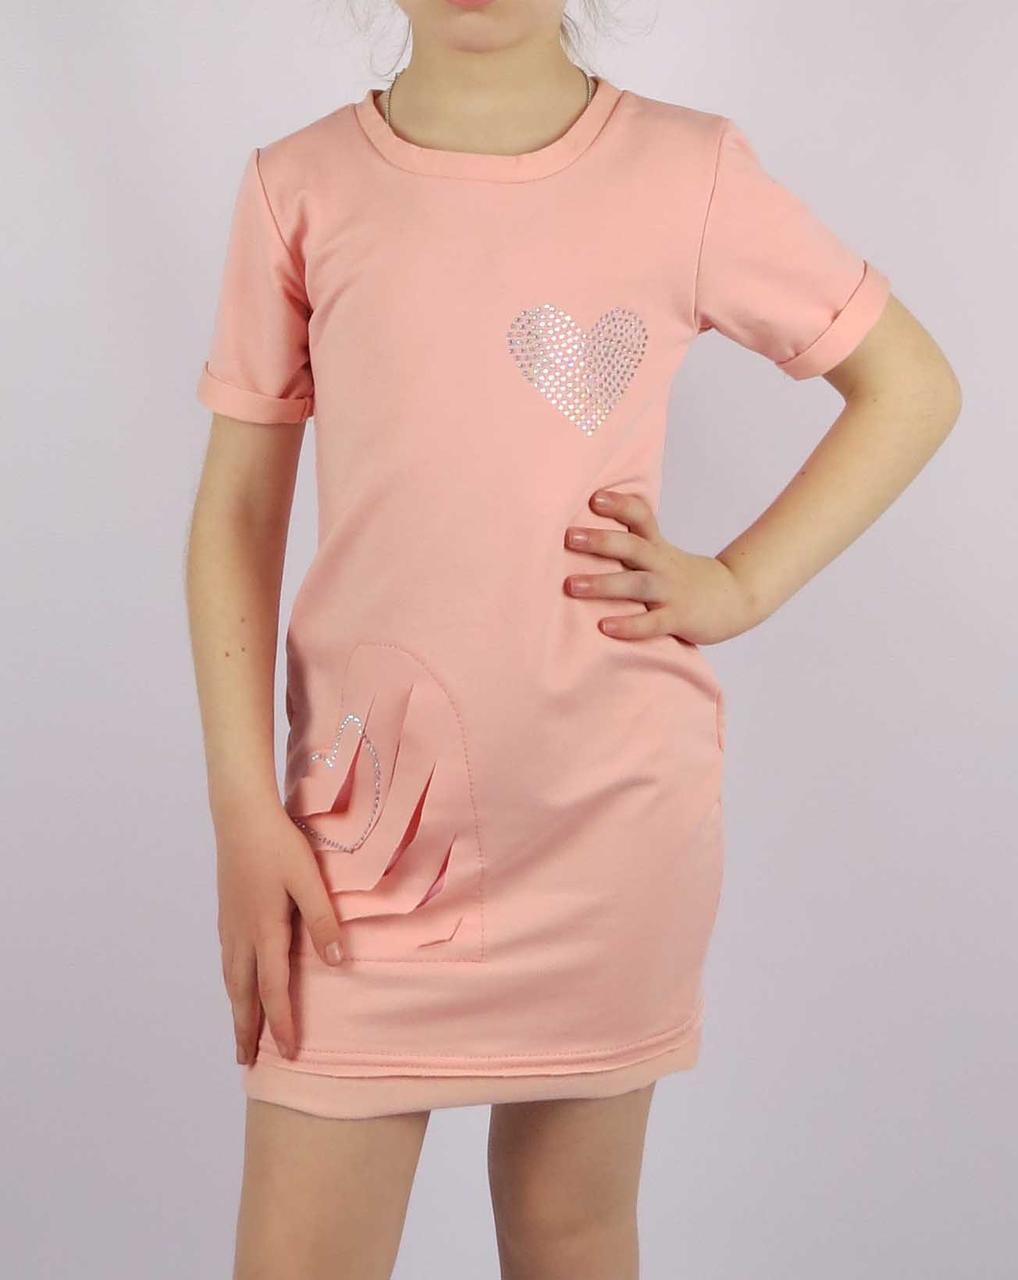 Платье сердце код 609 размеры от 122 см до 140 см (от 6 до 10 лет), фото 1